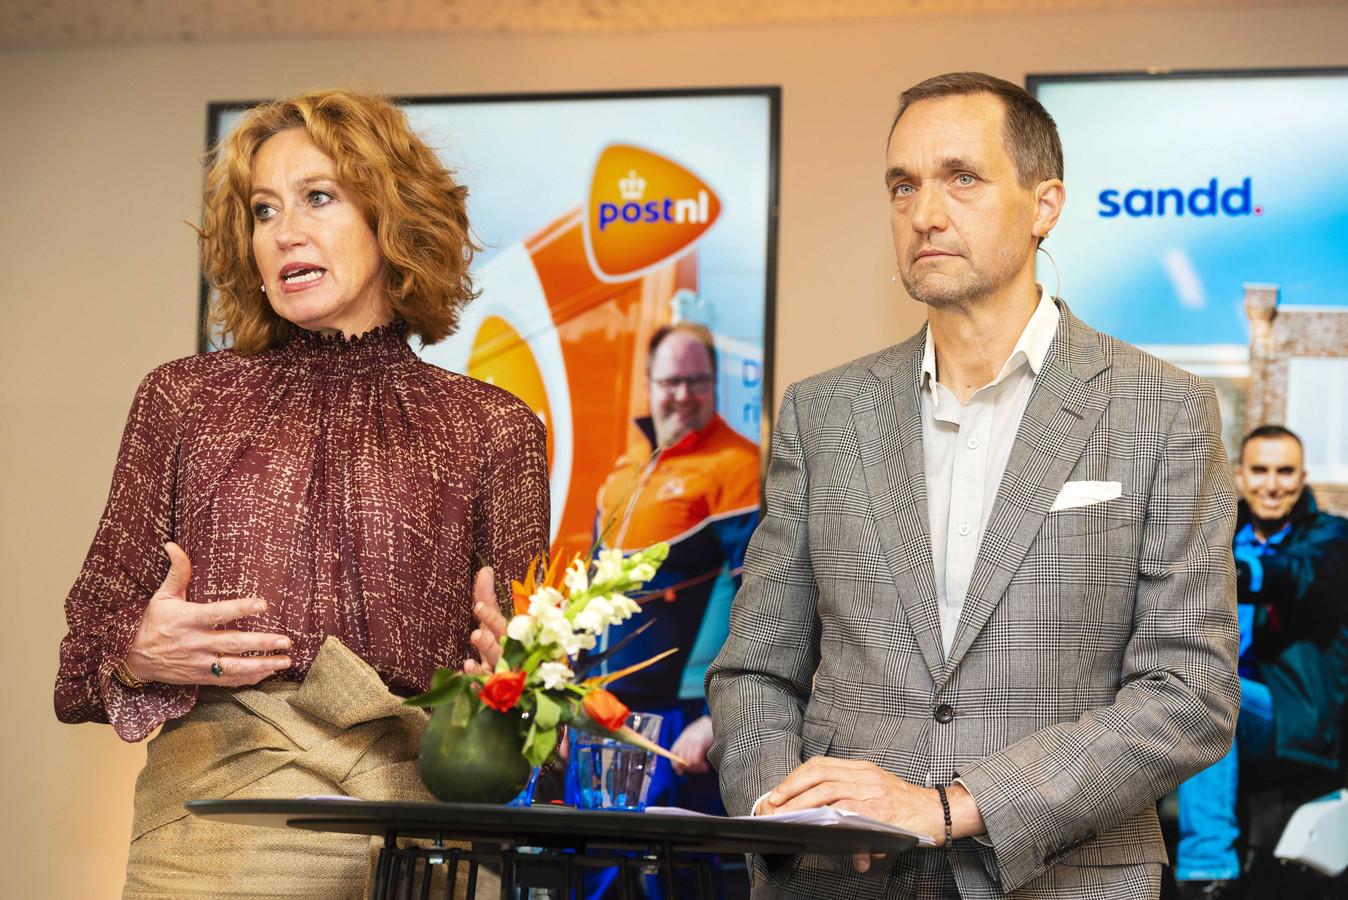 Verhagen met Ronald van de Laar, directeur van Sandd.